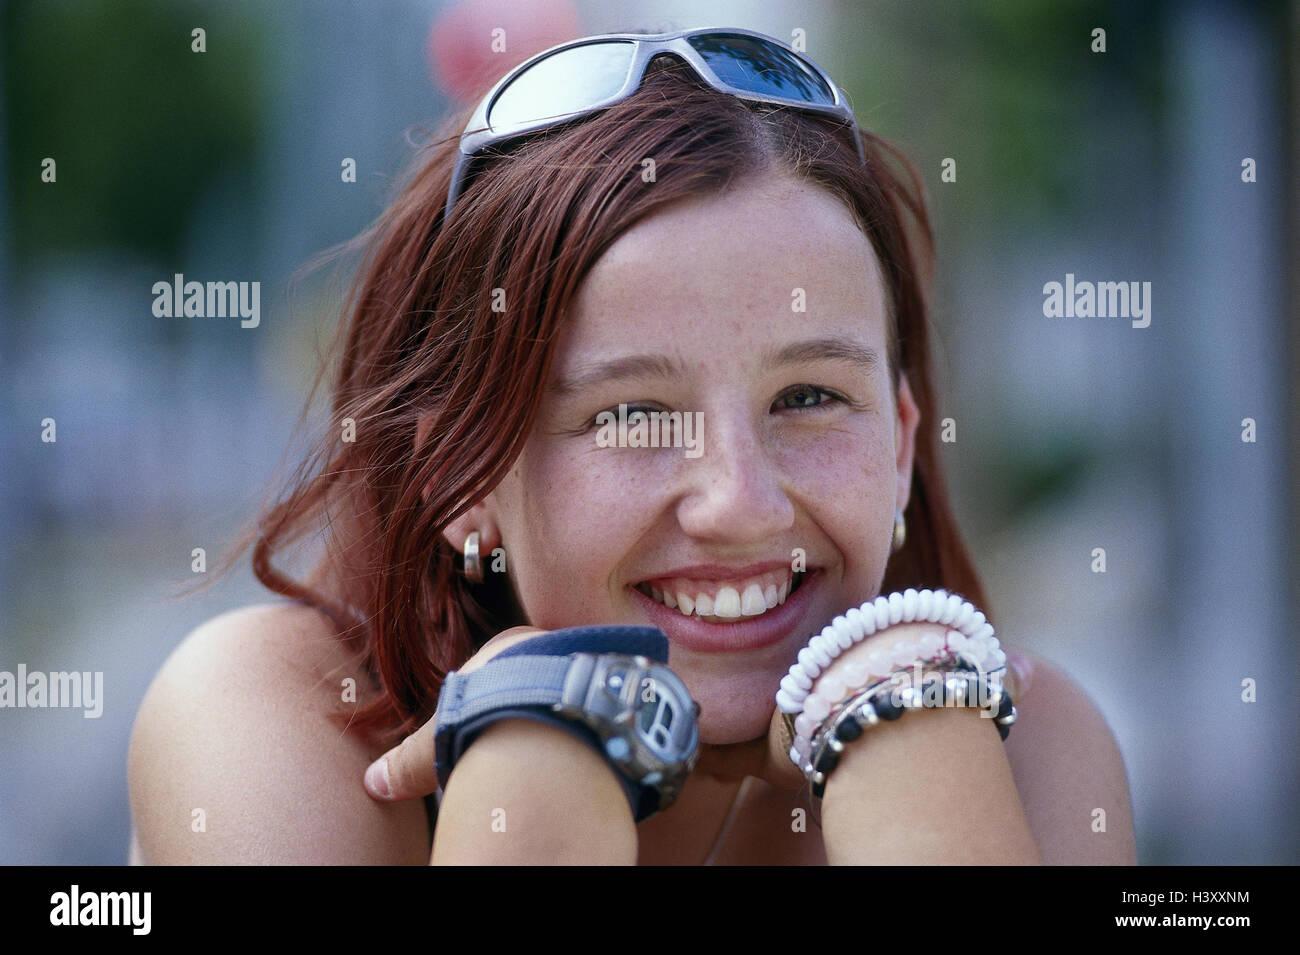 Teenager Mädchen, Brille, Uhr, Armbänder, Lächeln, Porträt, Teenager, draußen, Jugendlicher, Mädchen, Jugendliche, Stockfoto